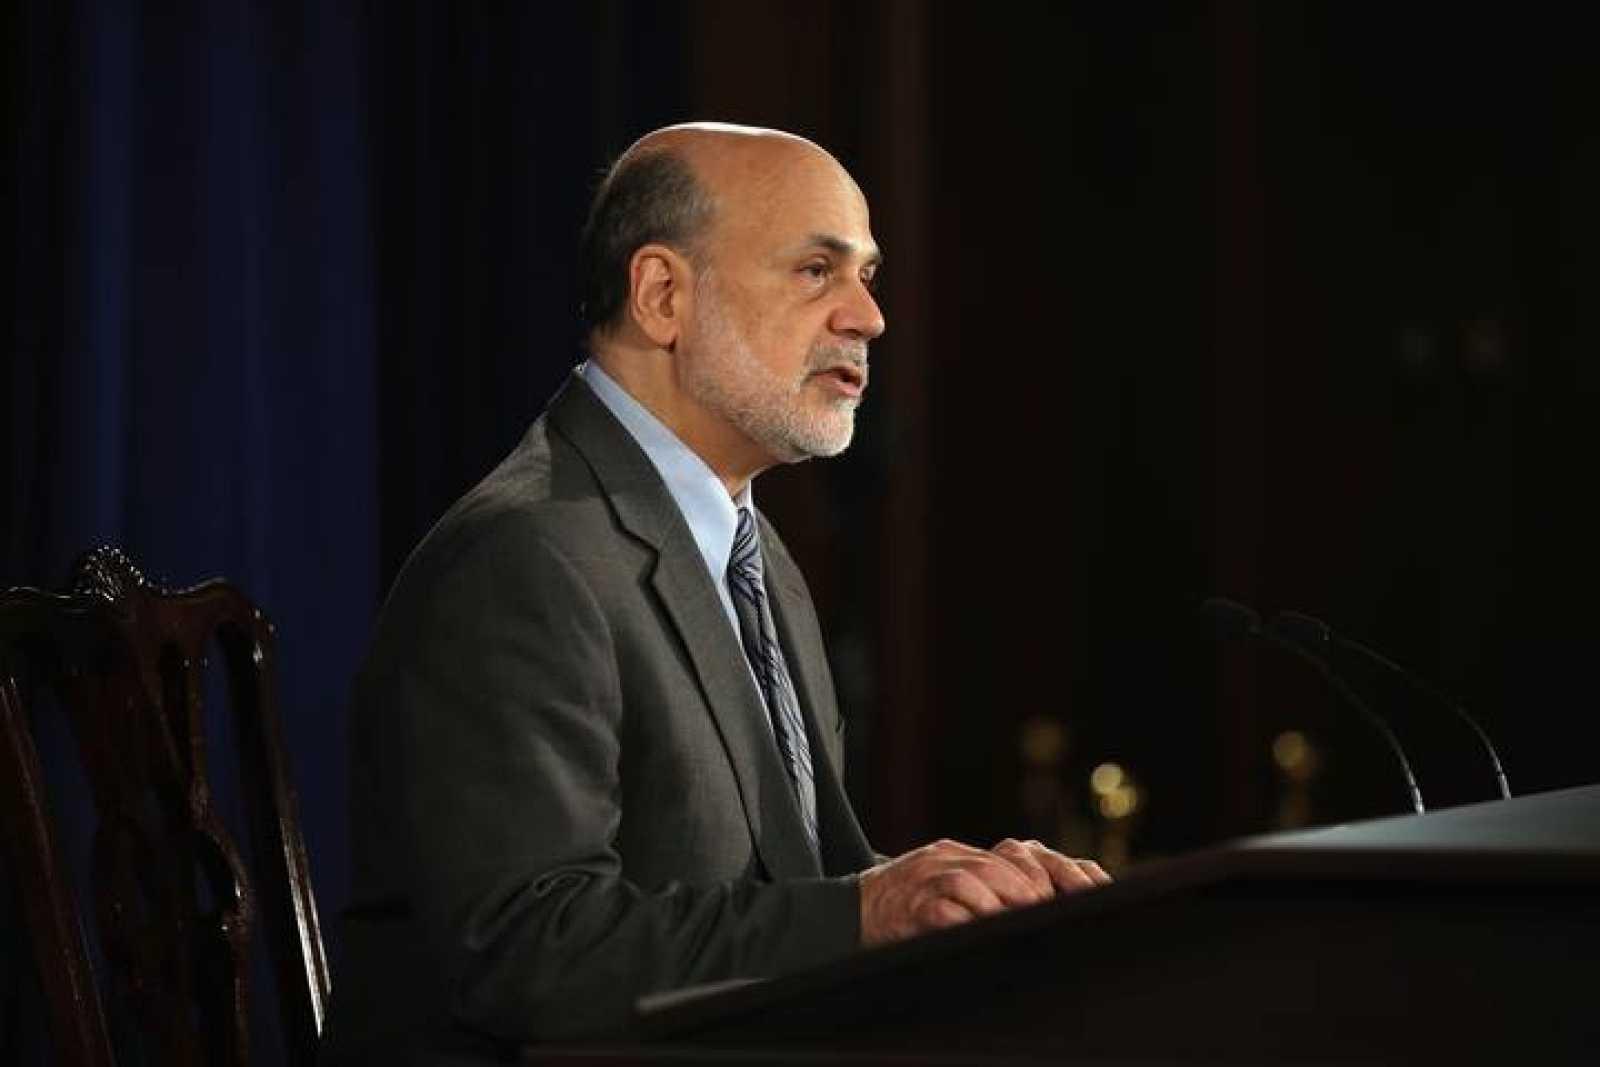 El presidente de la Reserva Federal, Ben Bernanke, durante la rueda de prensa posterior a la reunión del Comité Federal de Mercado Abierto